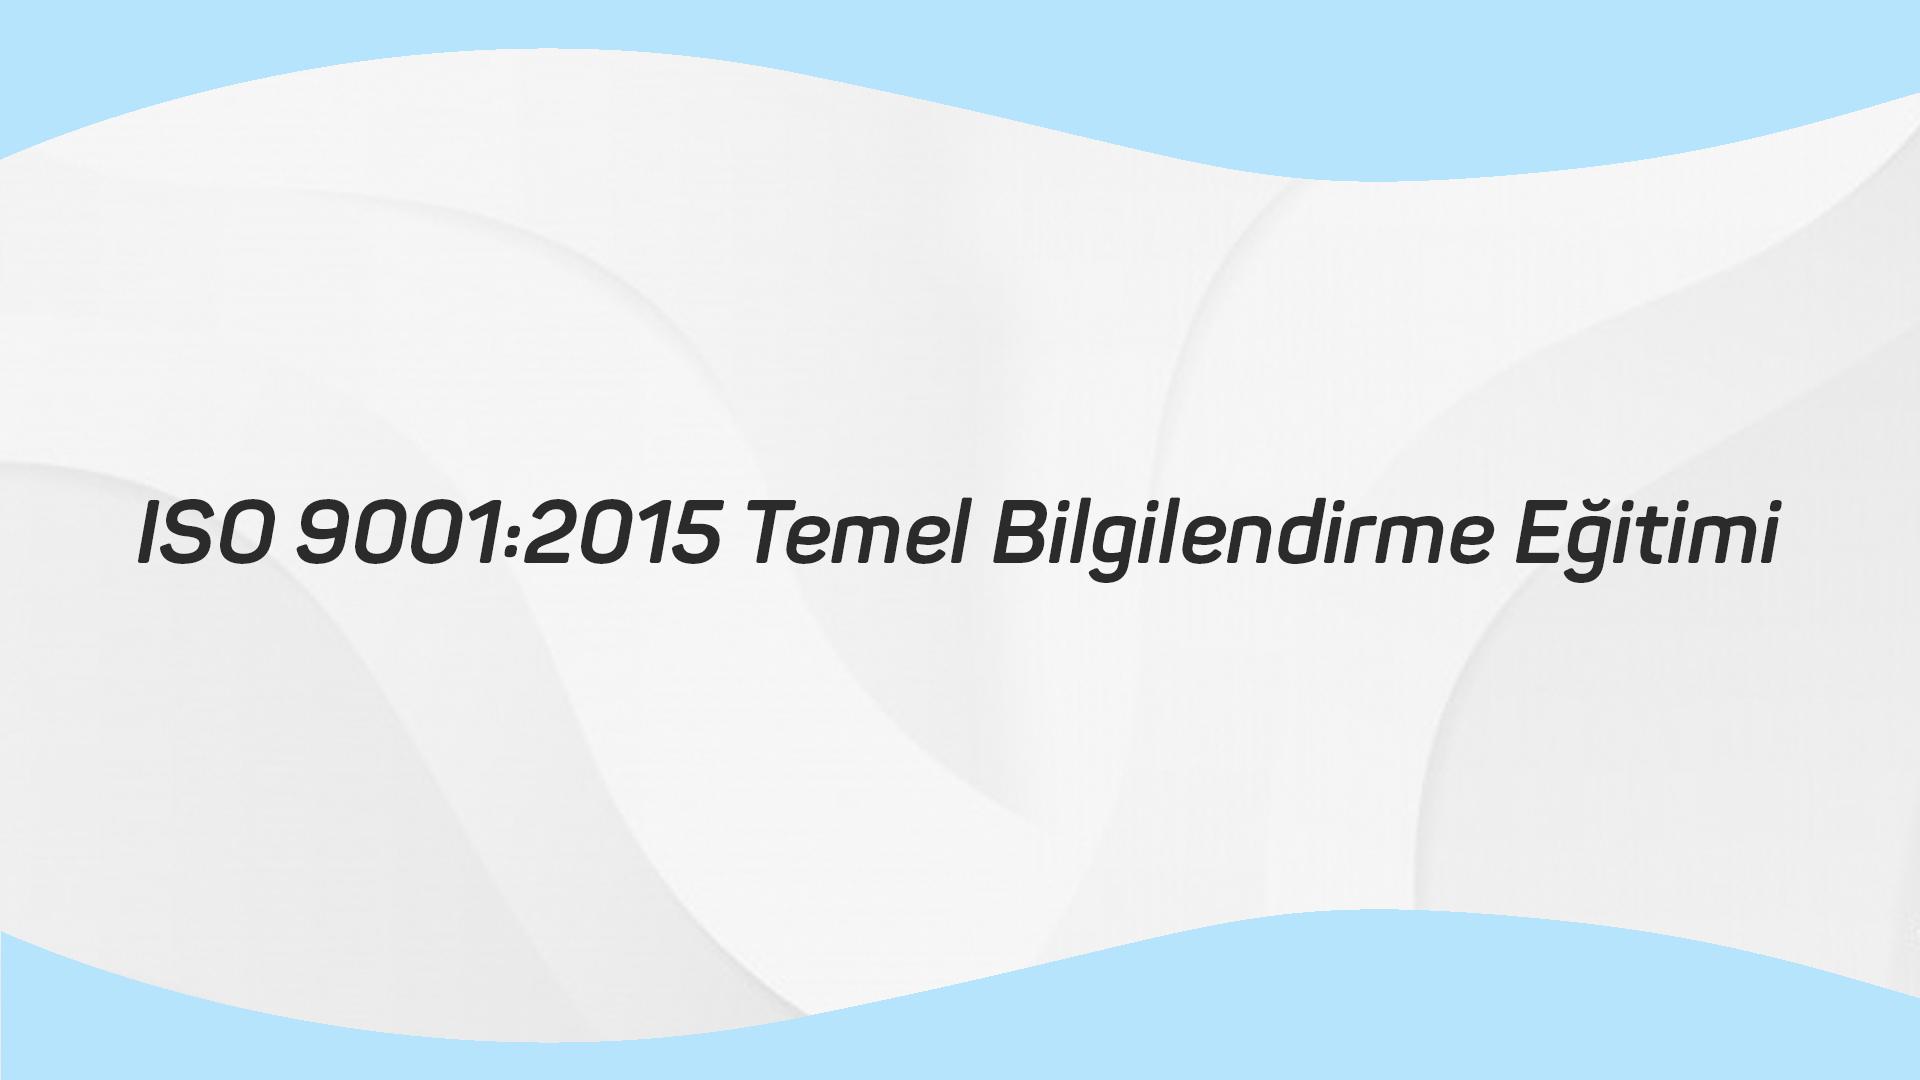 ISO 9001 2015 Temel Bilgilendirme Eğitimi